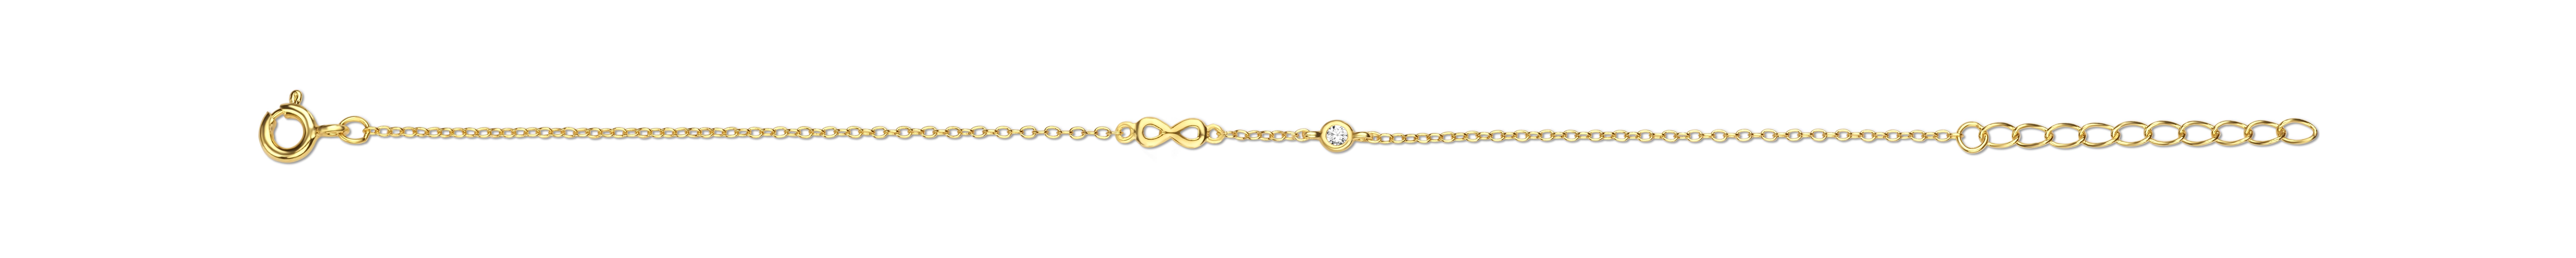 New Bling Zilveren Armband 9NB 0420 16,5 + 3 CM Zirkonia Goudkleurig